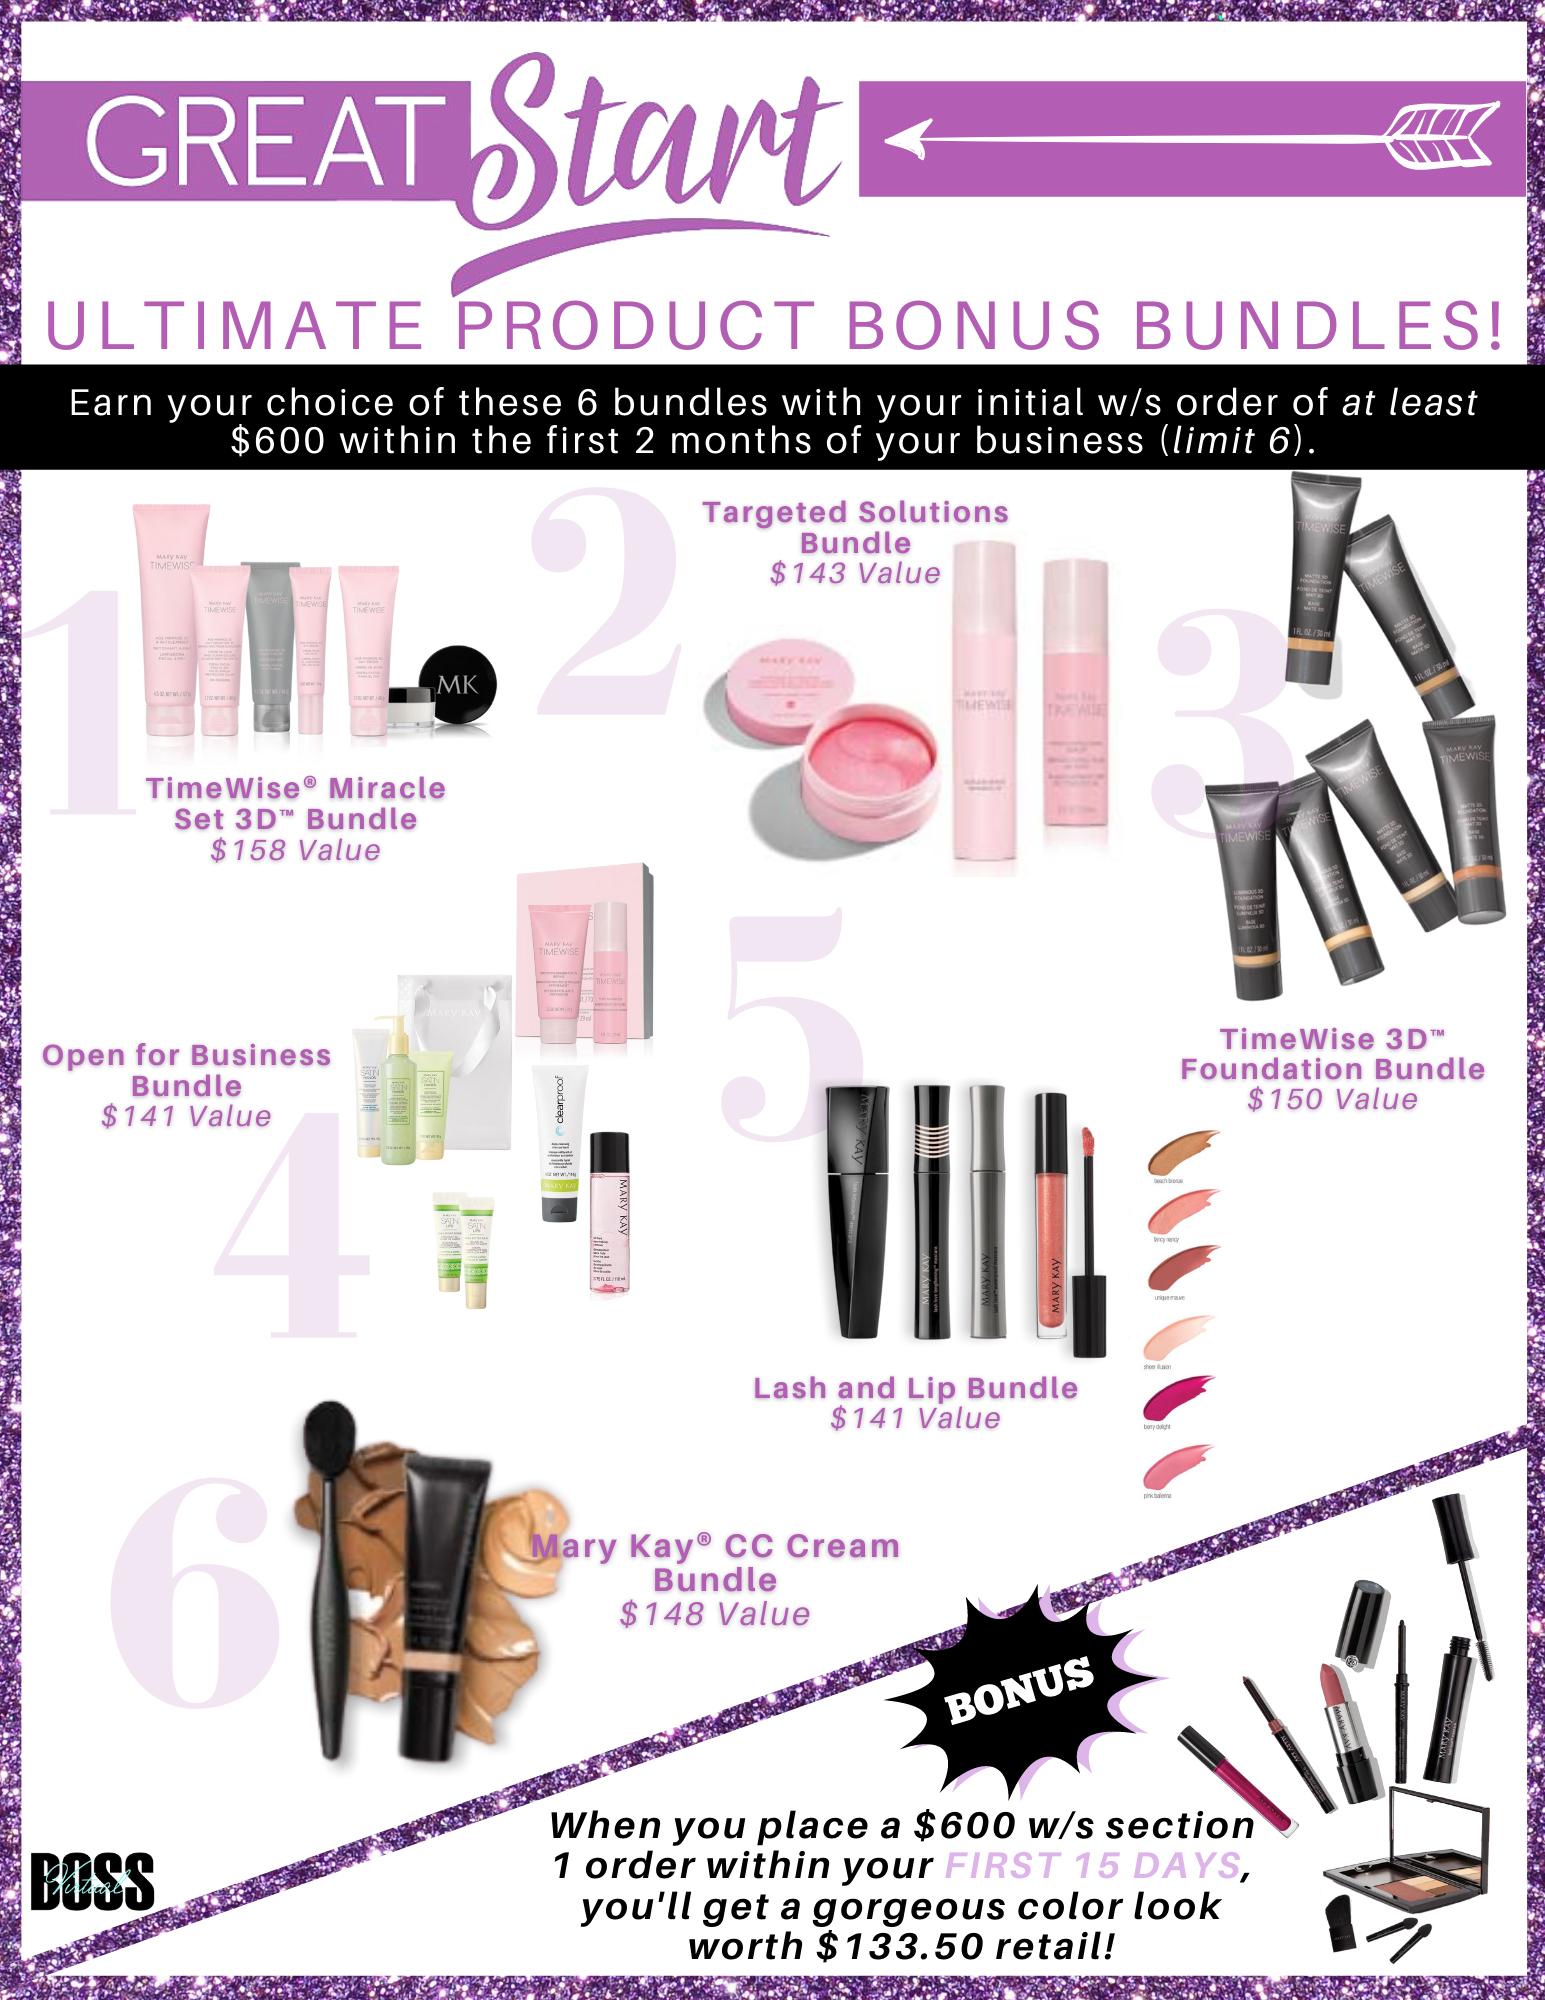 Ultimate Product Bonus Bundles (3)